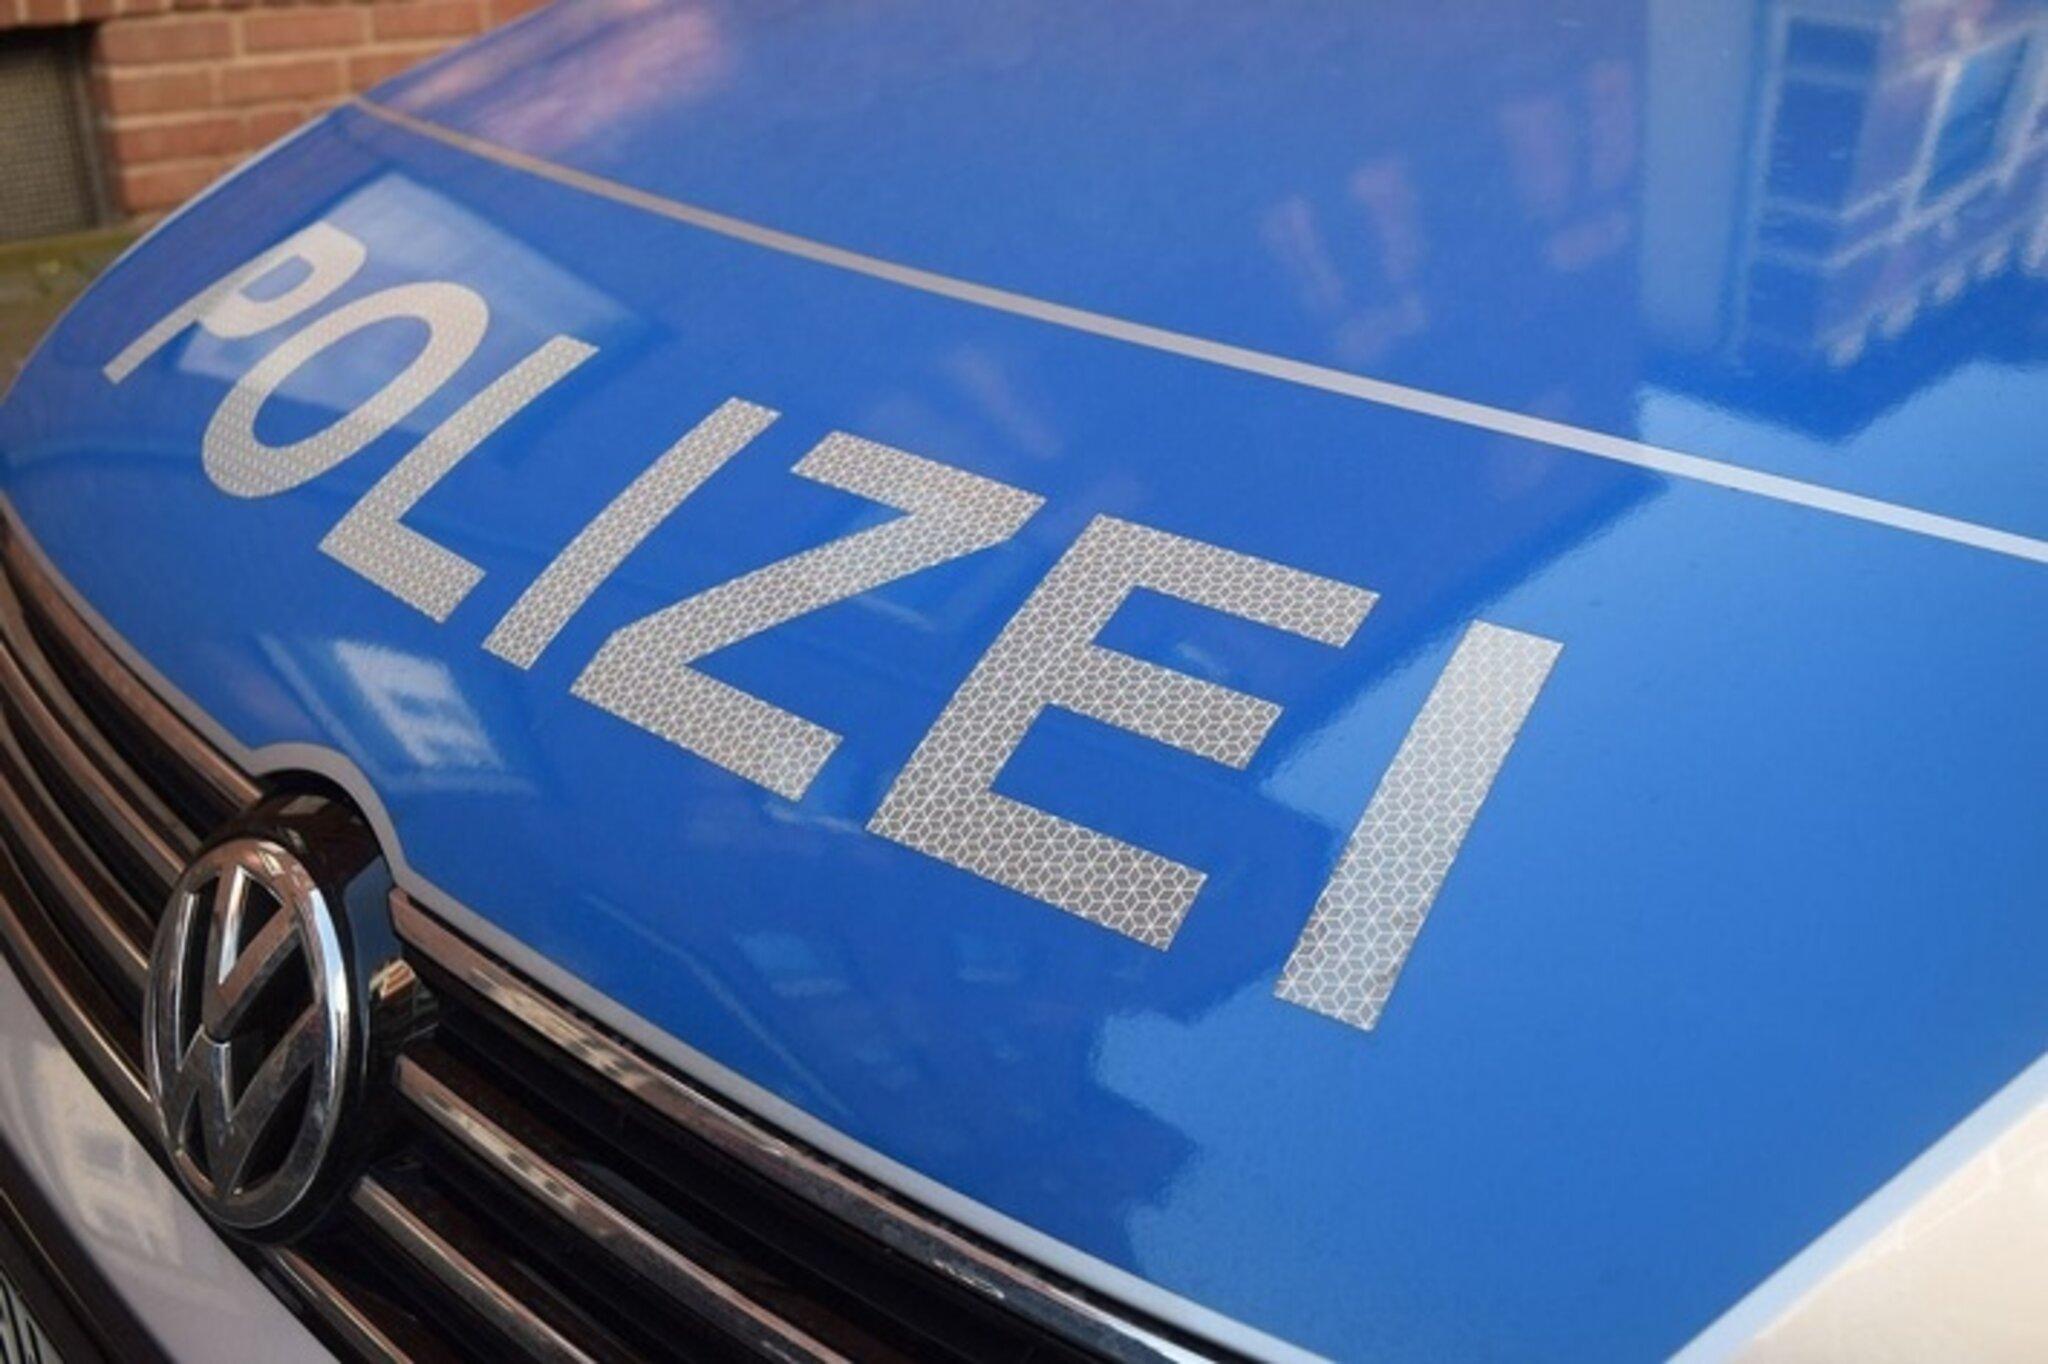 Polizei-sucht-Zeugen-nach-Unfallflucht